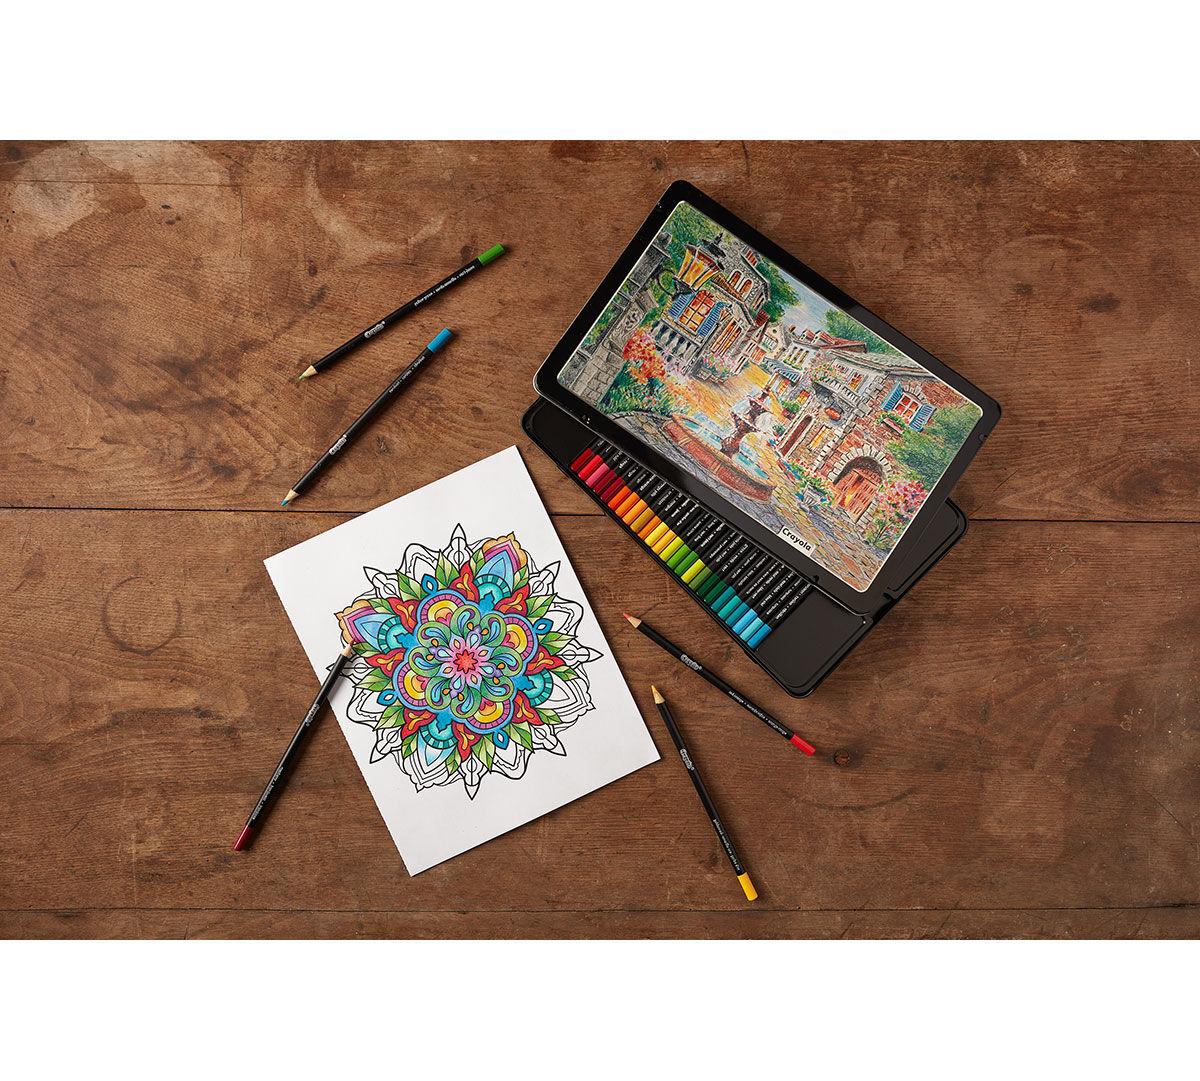 Mandala Coloring Book & 50 Colored Pencils Crayola.com Crayola